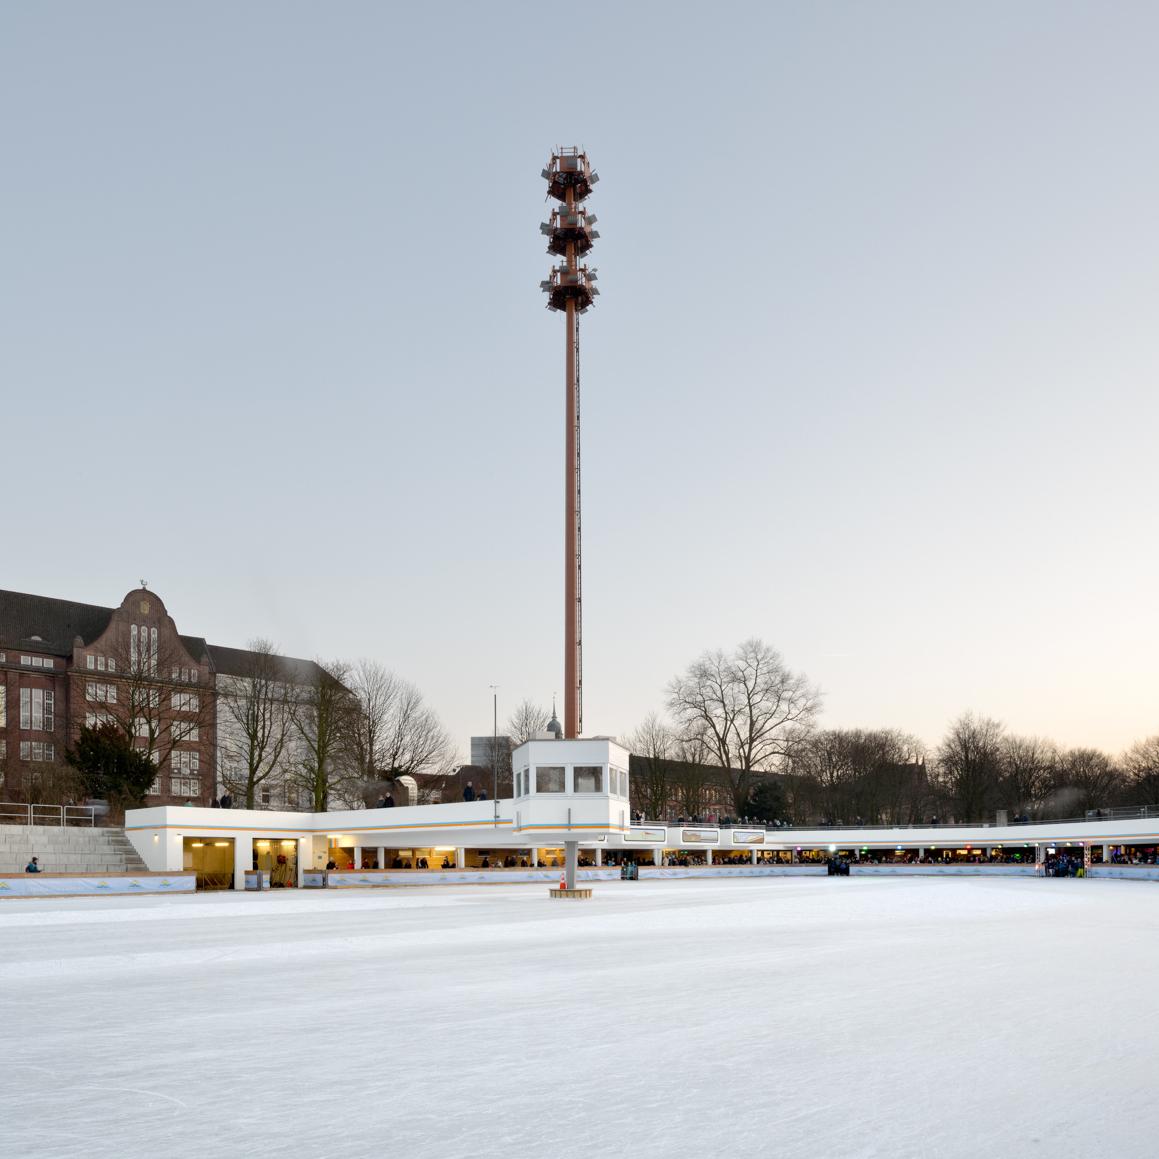 AIT-Award 2020: Sanerung und Erweiterung der historischen Eisbahn im Park Planten un Blomen